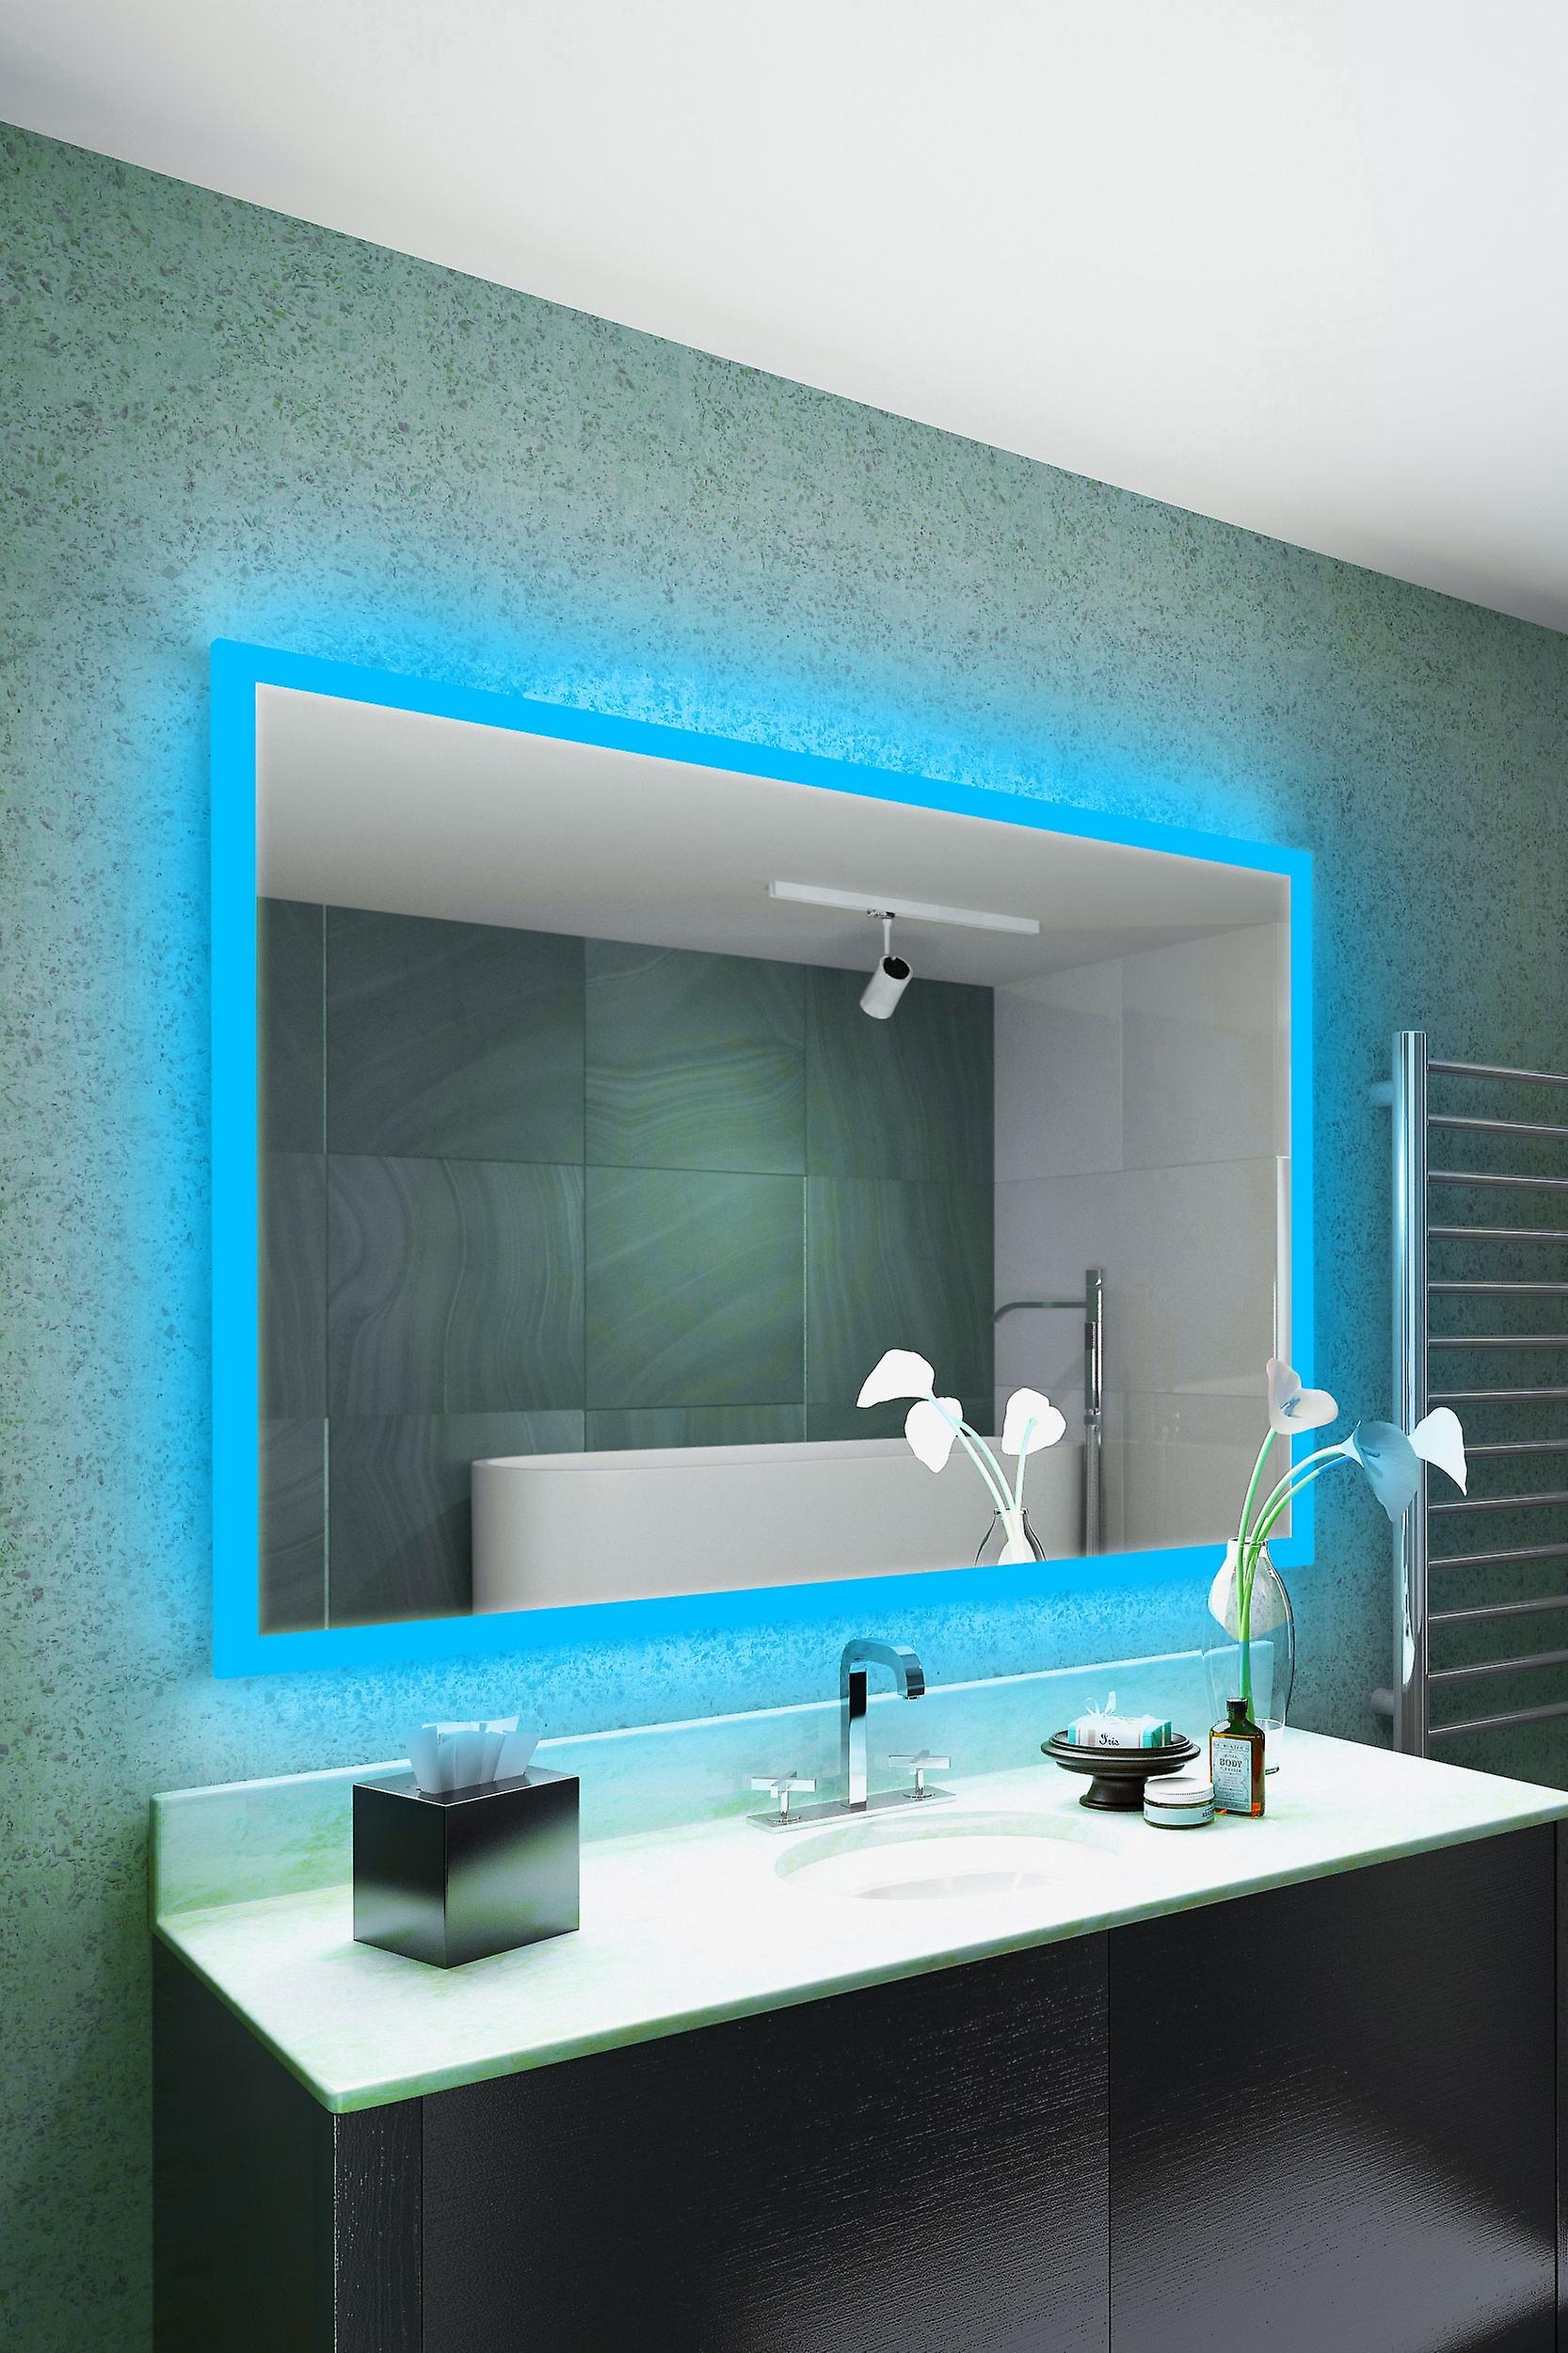 K8402hrgbaud capteur de désembuage miroir rasoir Audio RGB avec Bluetooth